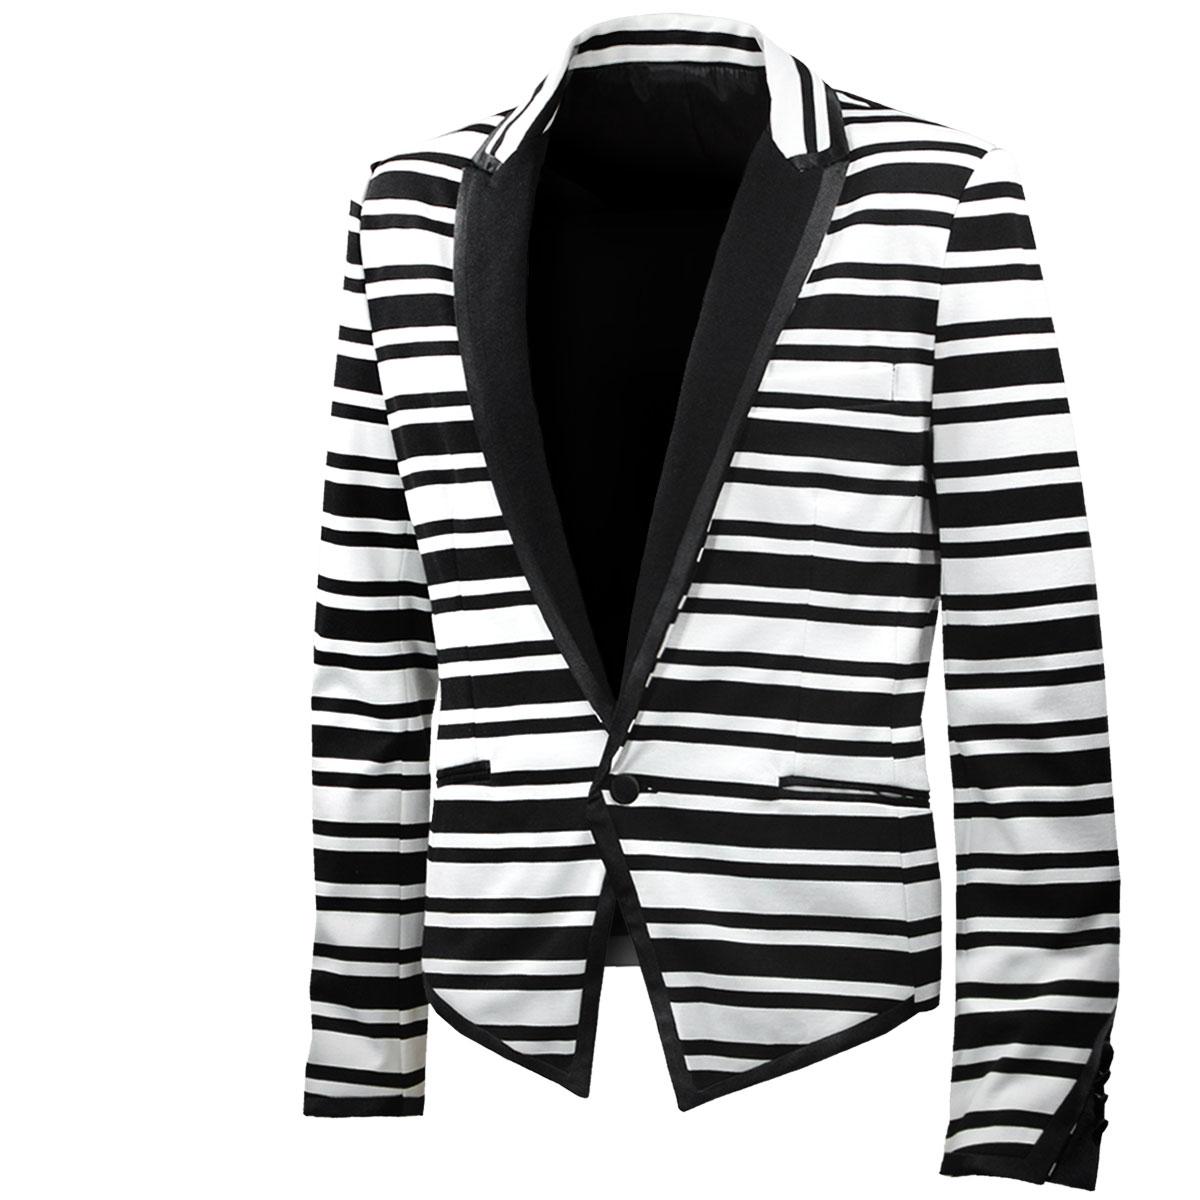 ジャケット テーラード ショート丈 スペンサー ボーダー 1釦 カットジャケット 衣装 イベント メンズ (ブラック黒ホワイト白) 952580